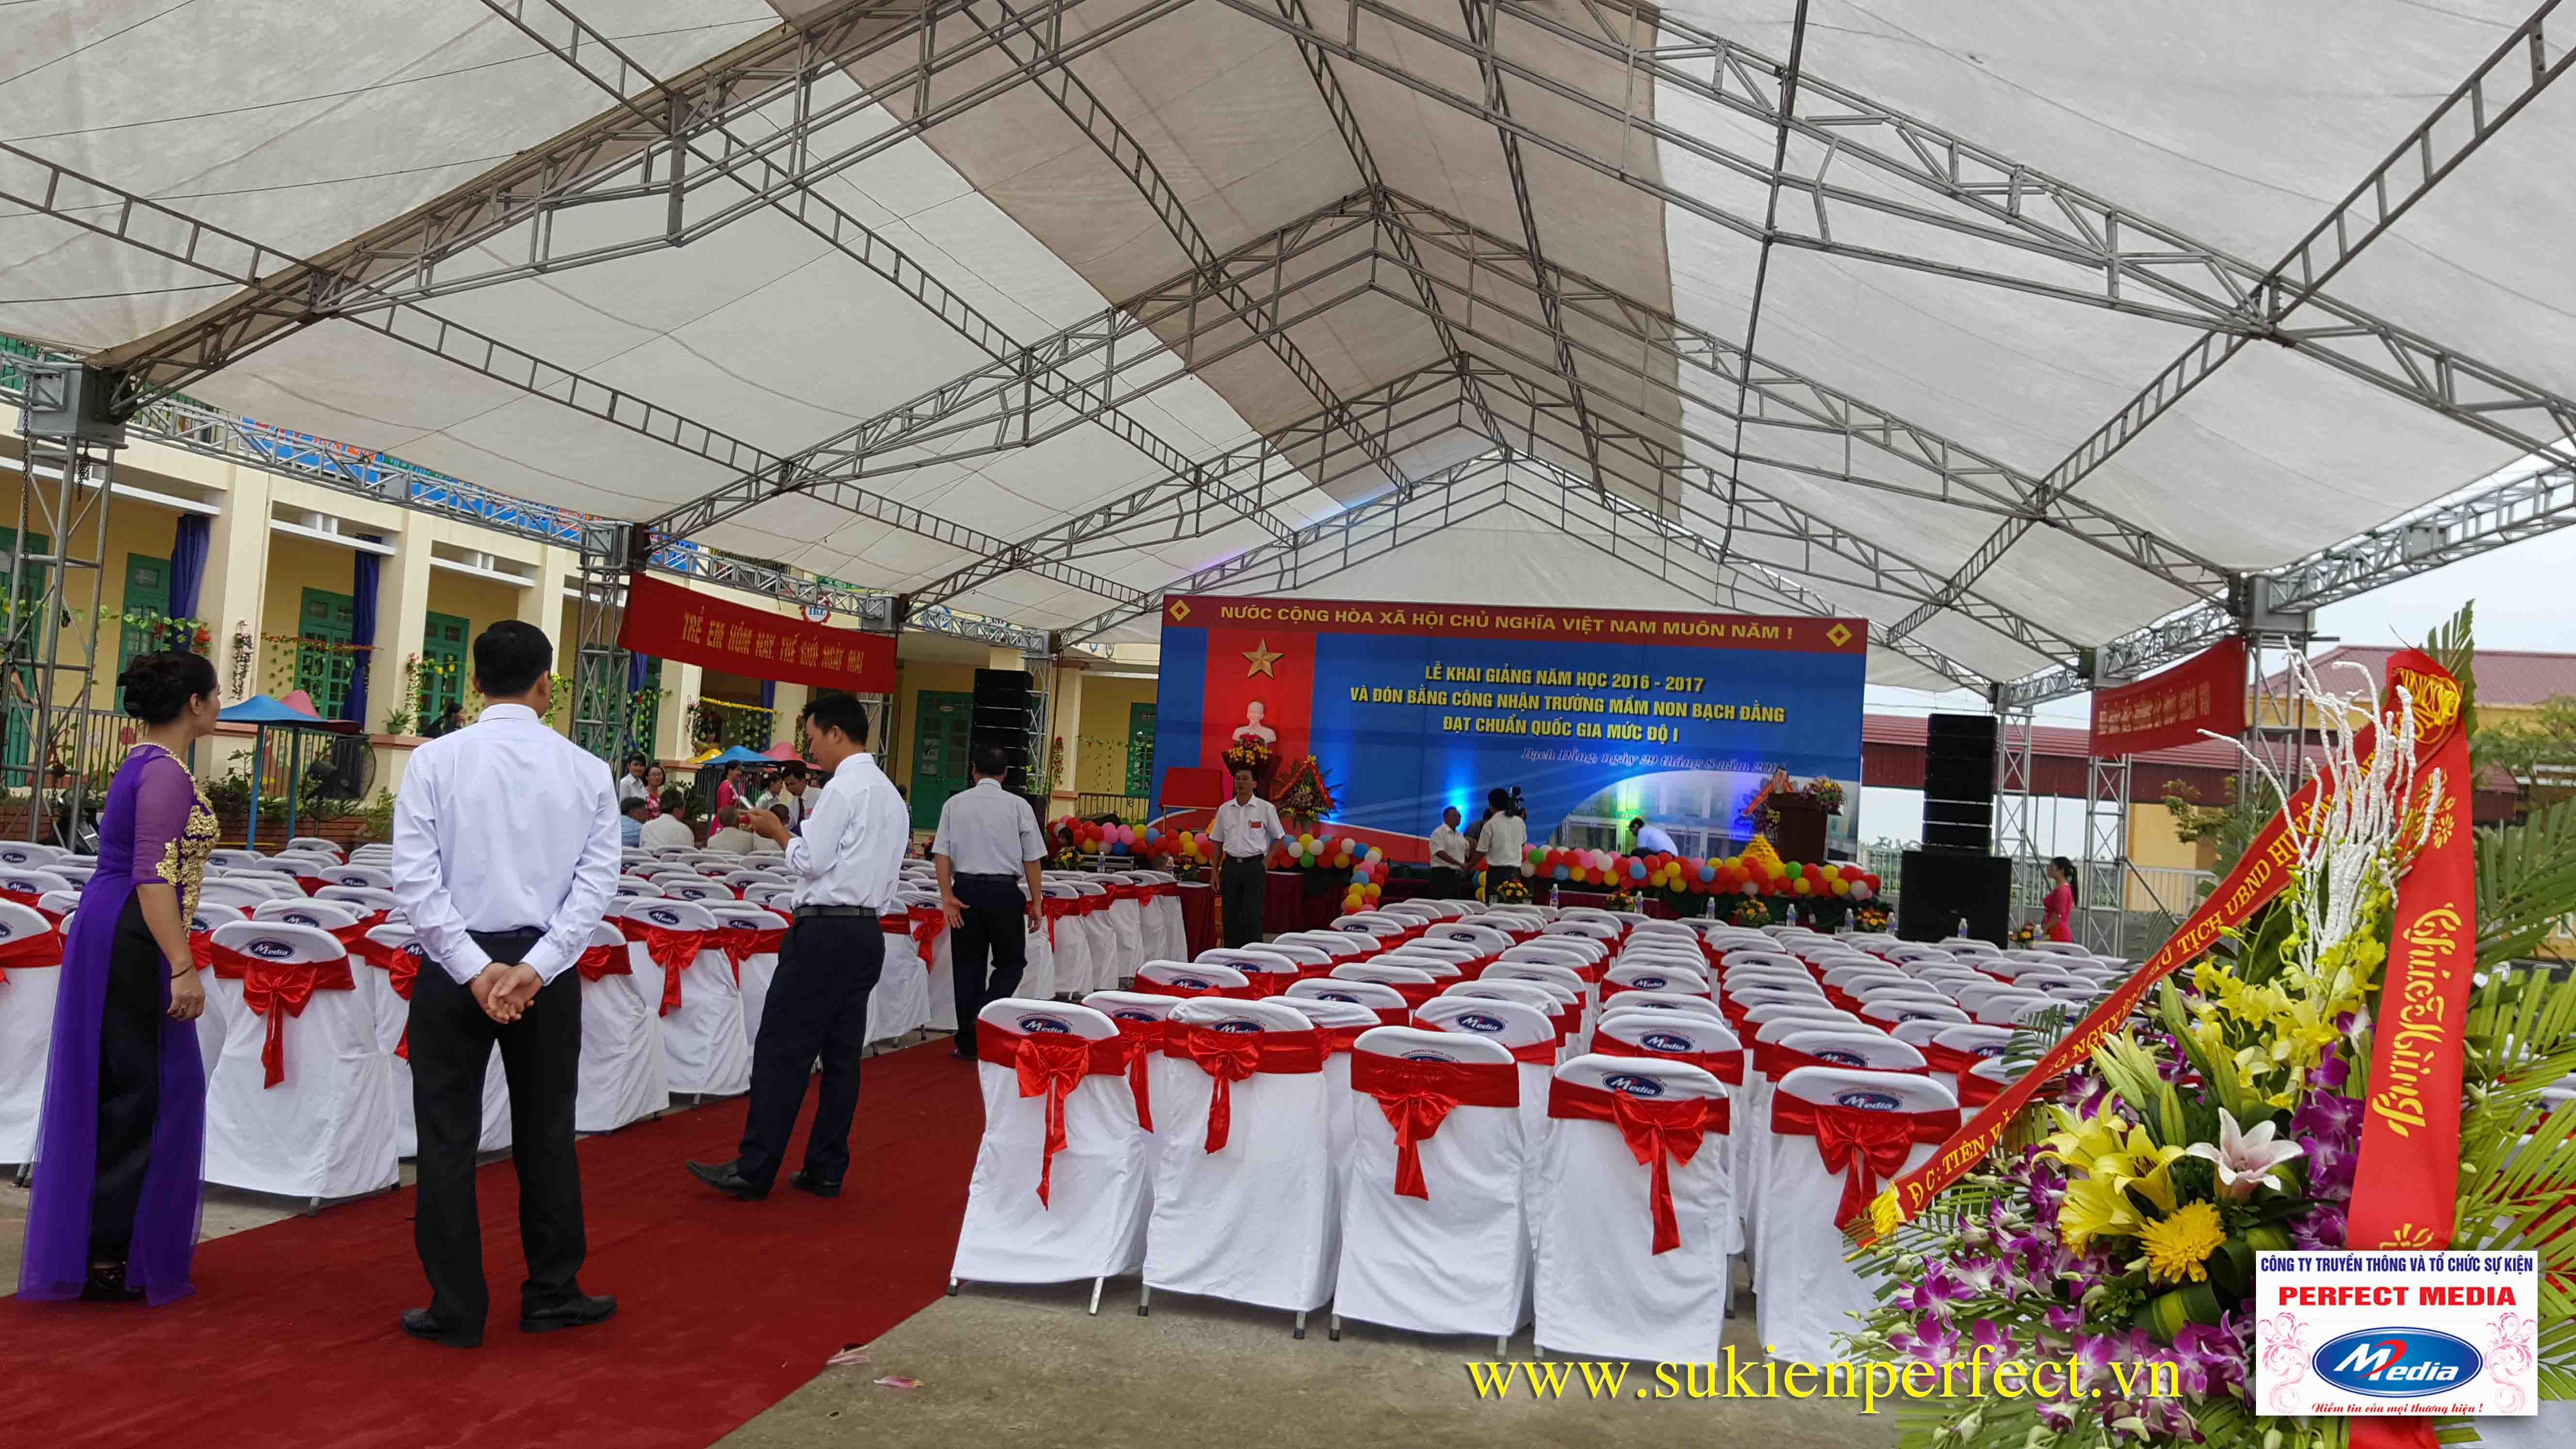 Lễ khai giảng năm học 2016 - 2017 của trường mầm non Bạch Đằng - Kinh Môn 01